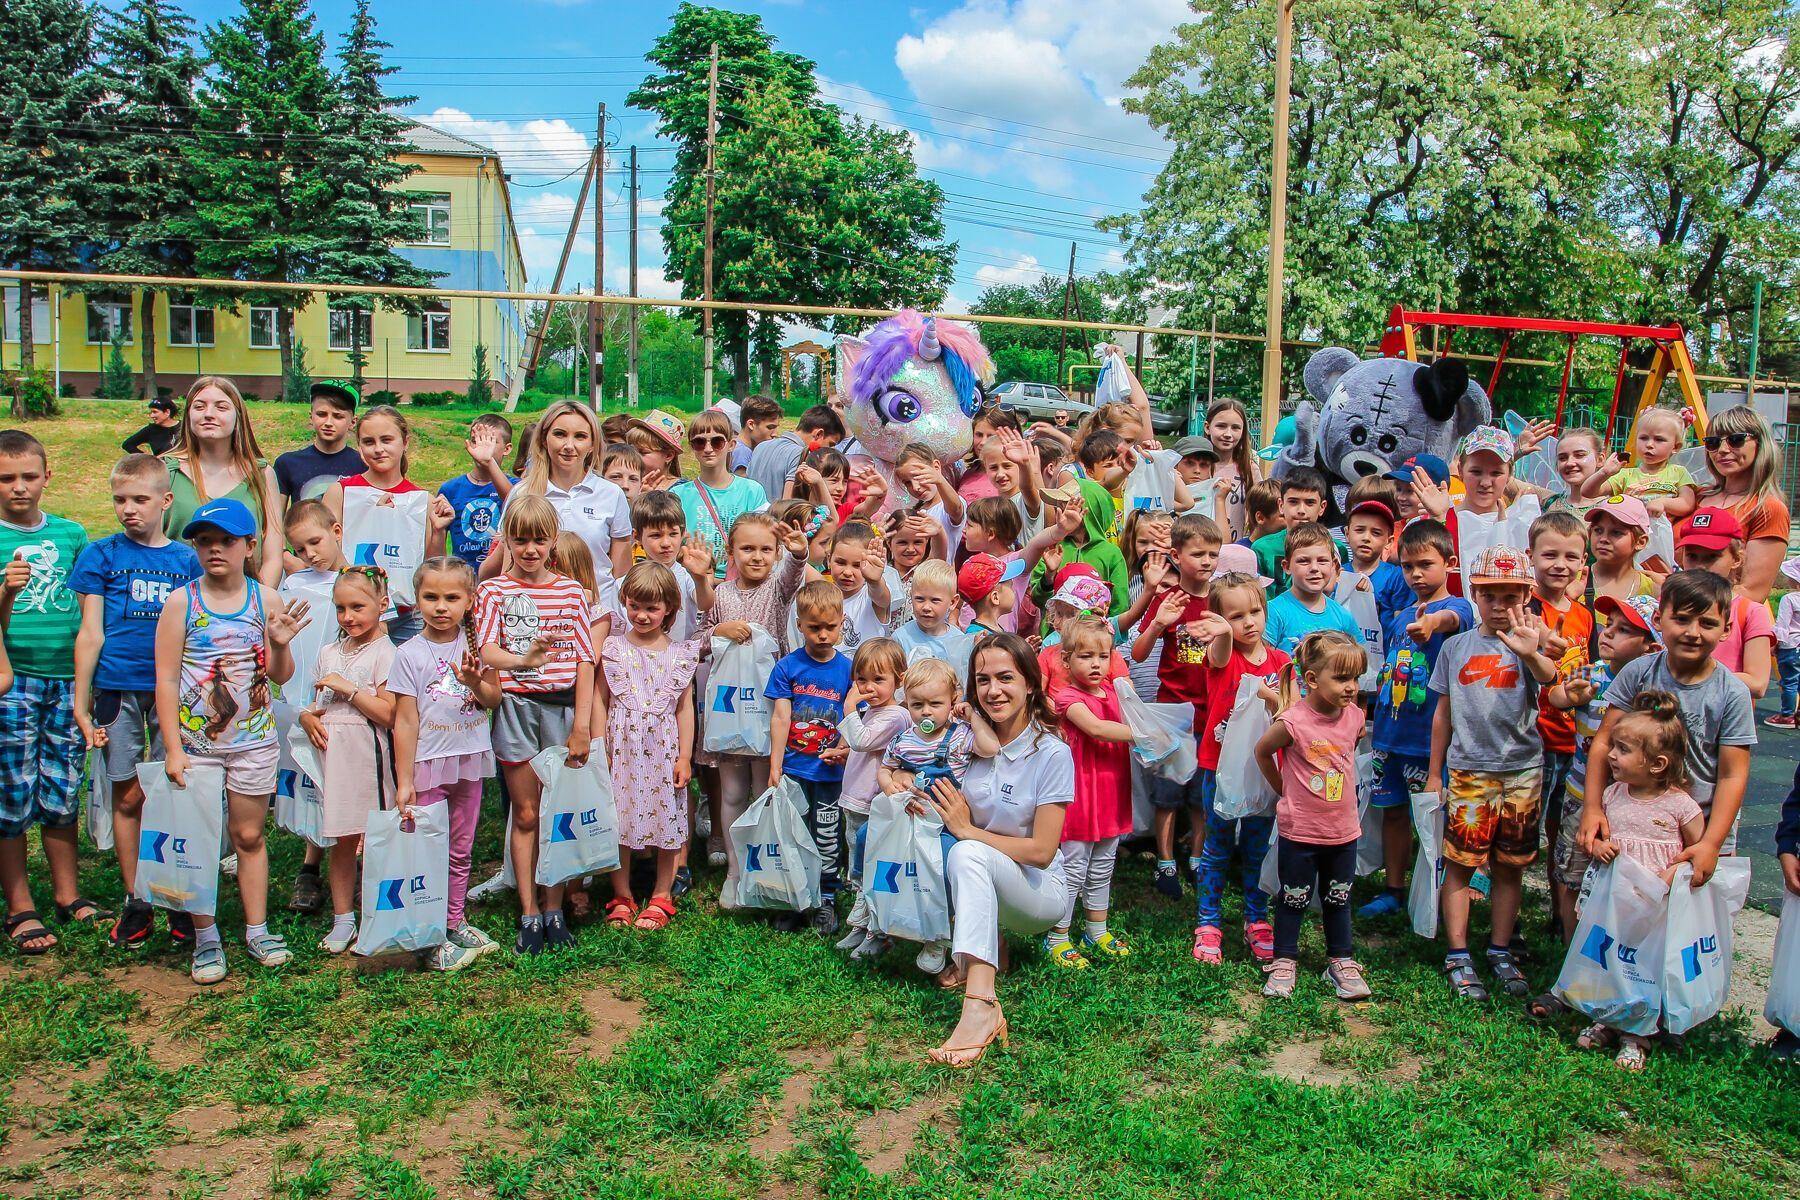 День захисту дітей на Донбасі: змагання з плавання, катання на ковзанах, солодощі та аніматори